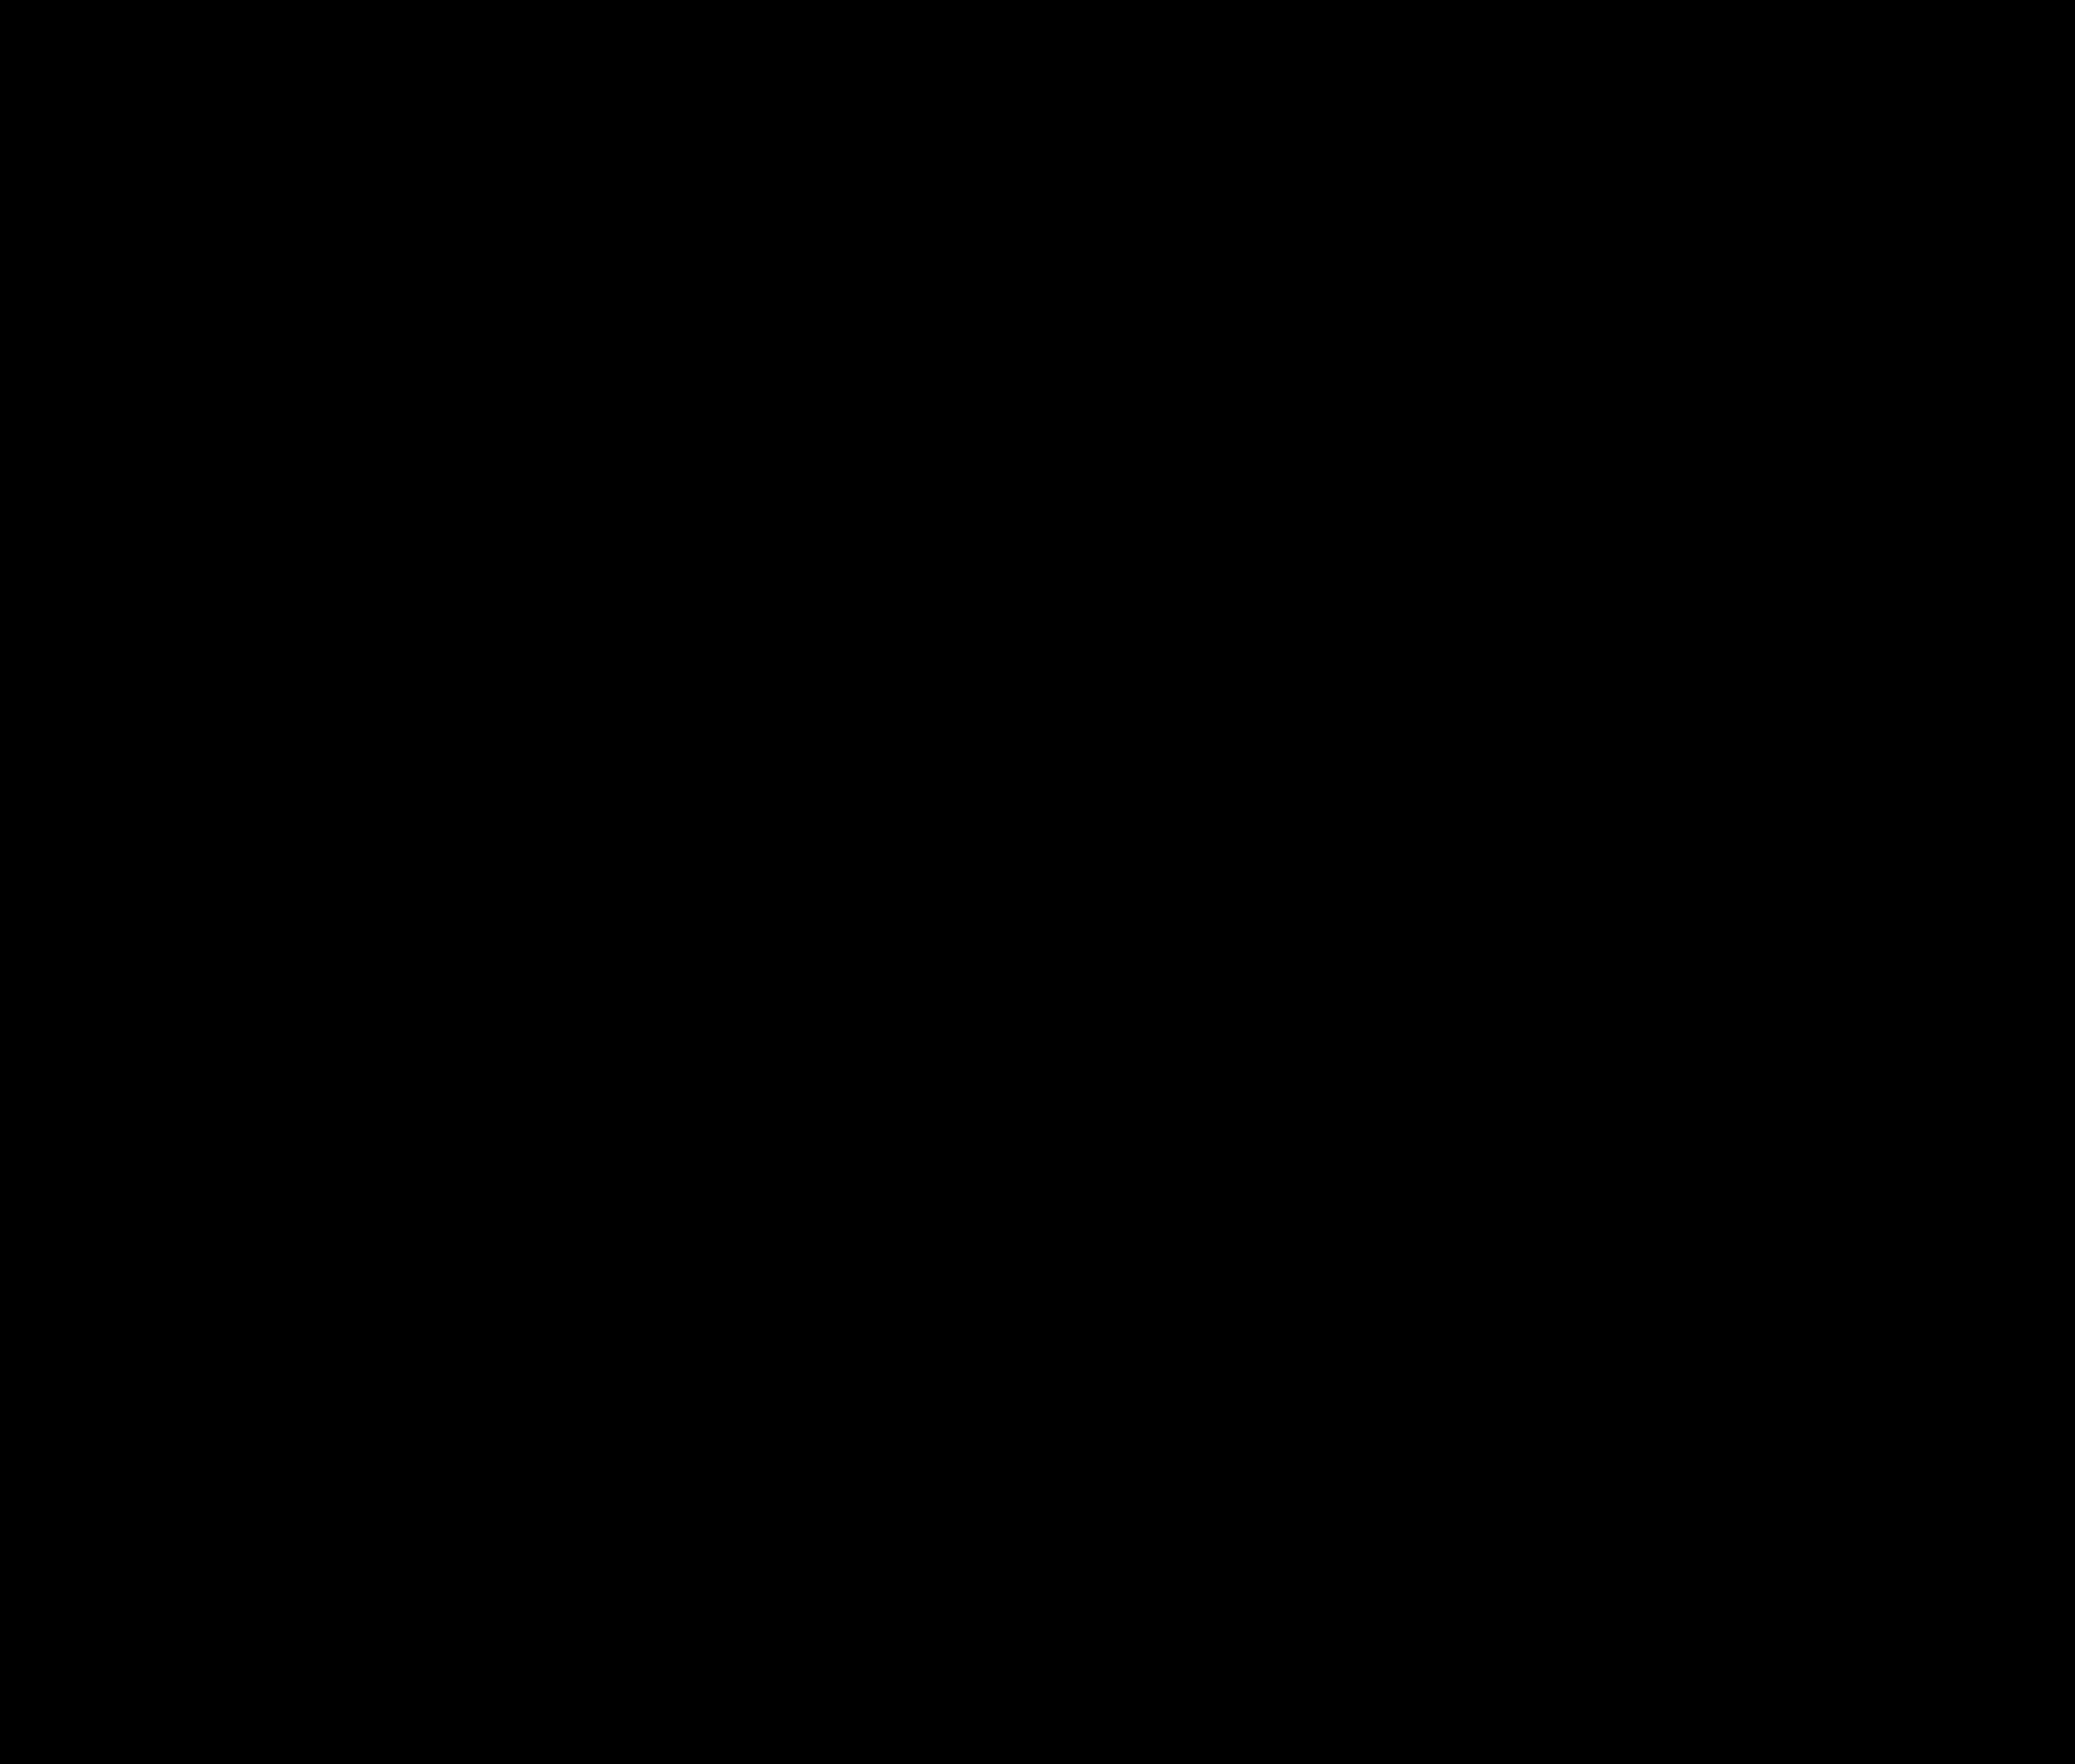 ShopLocal365-LogoTM-LetteringWorks-Black.png